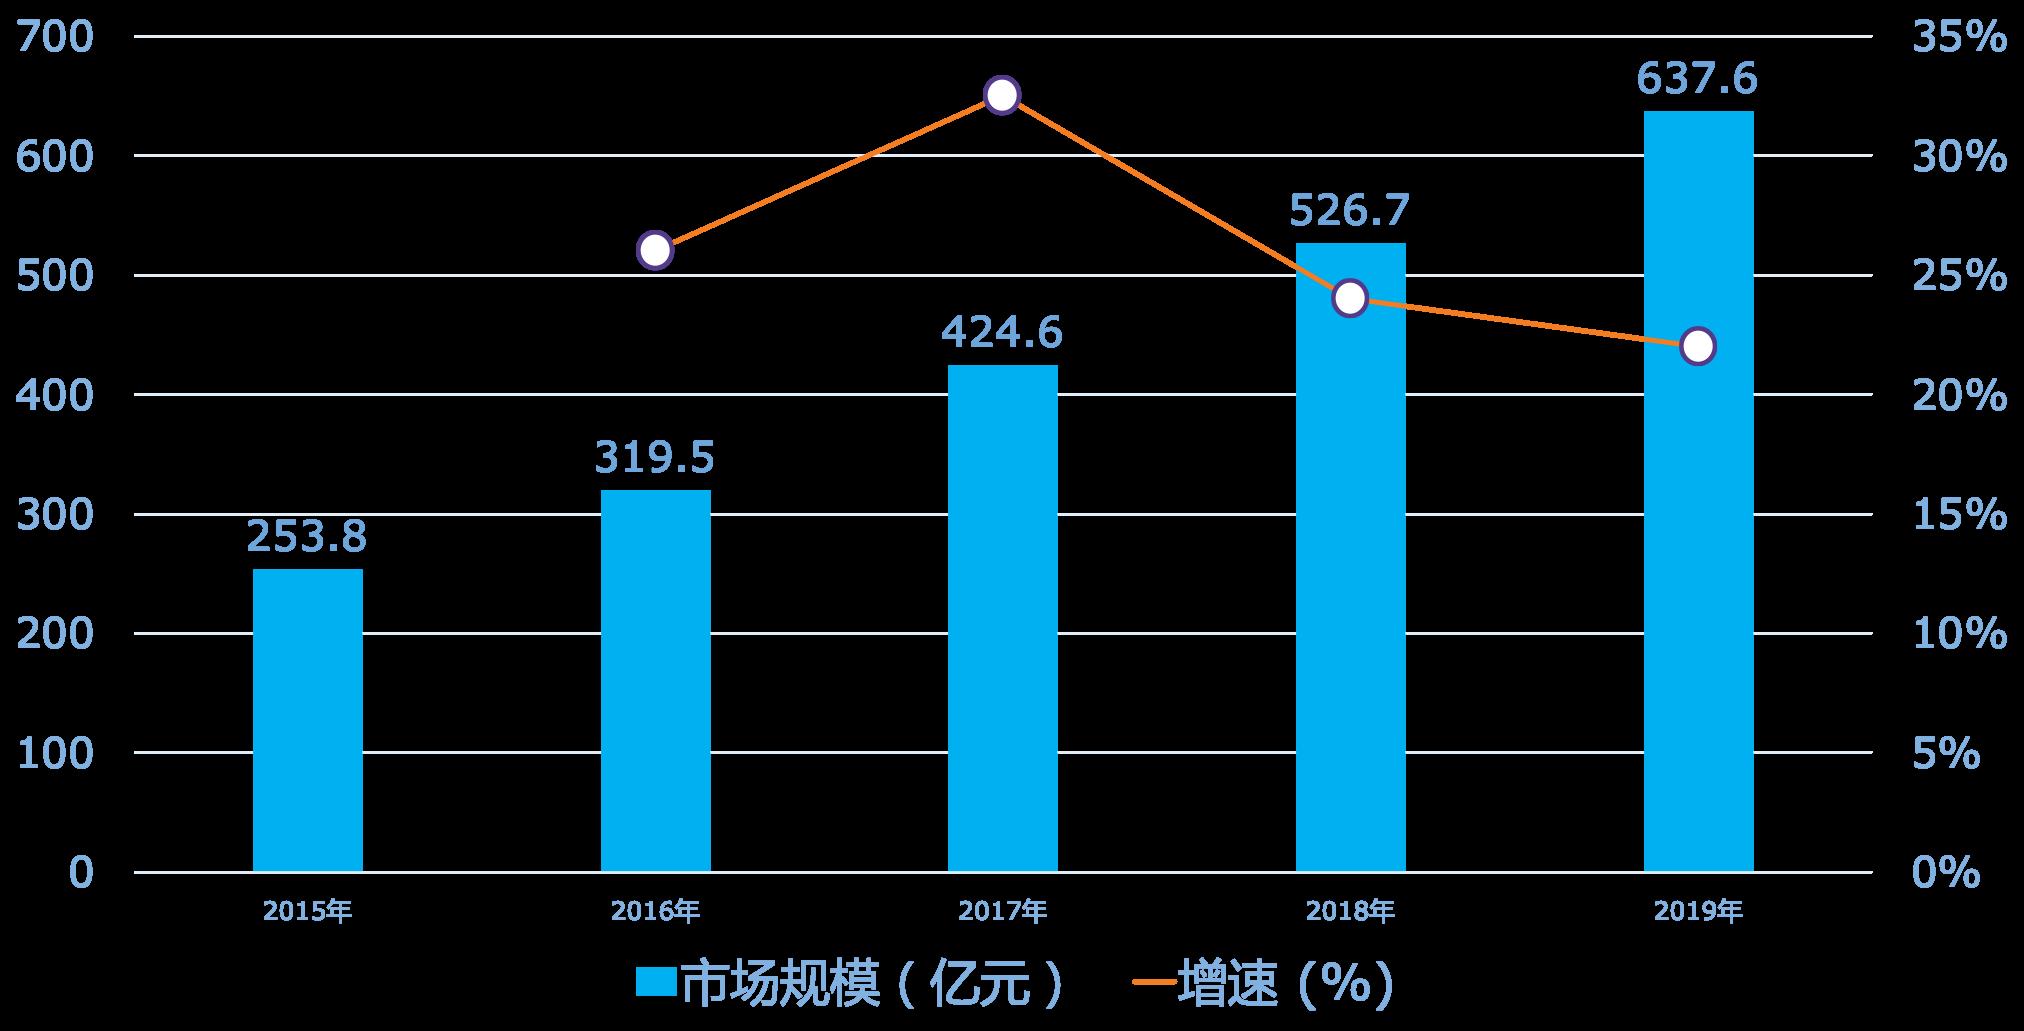 DTC趋势-70893-华经产业数据